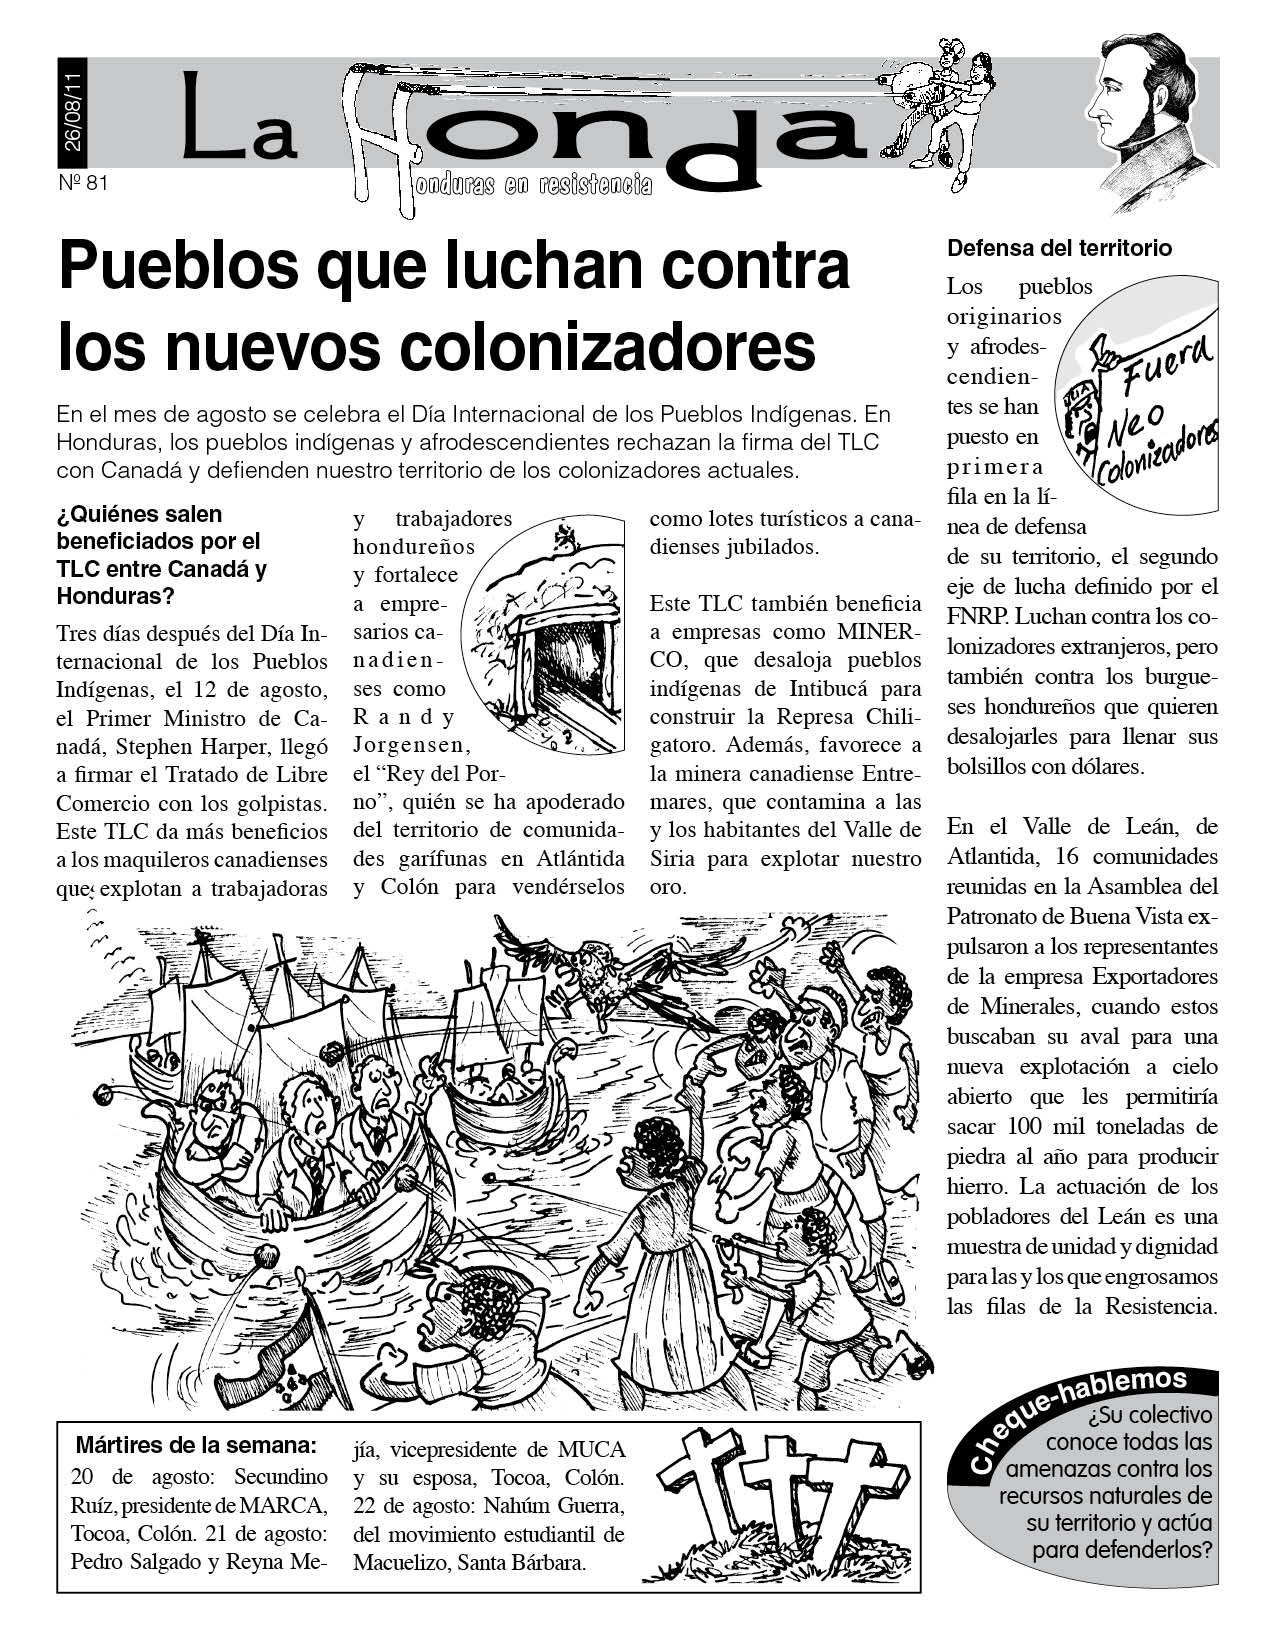 La Honda 81: Pueblos que luchan contra los nuevos colonizadores